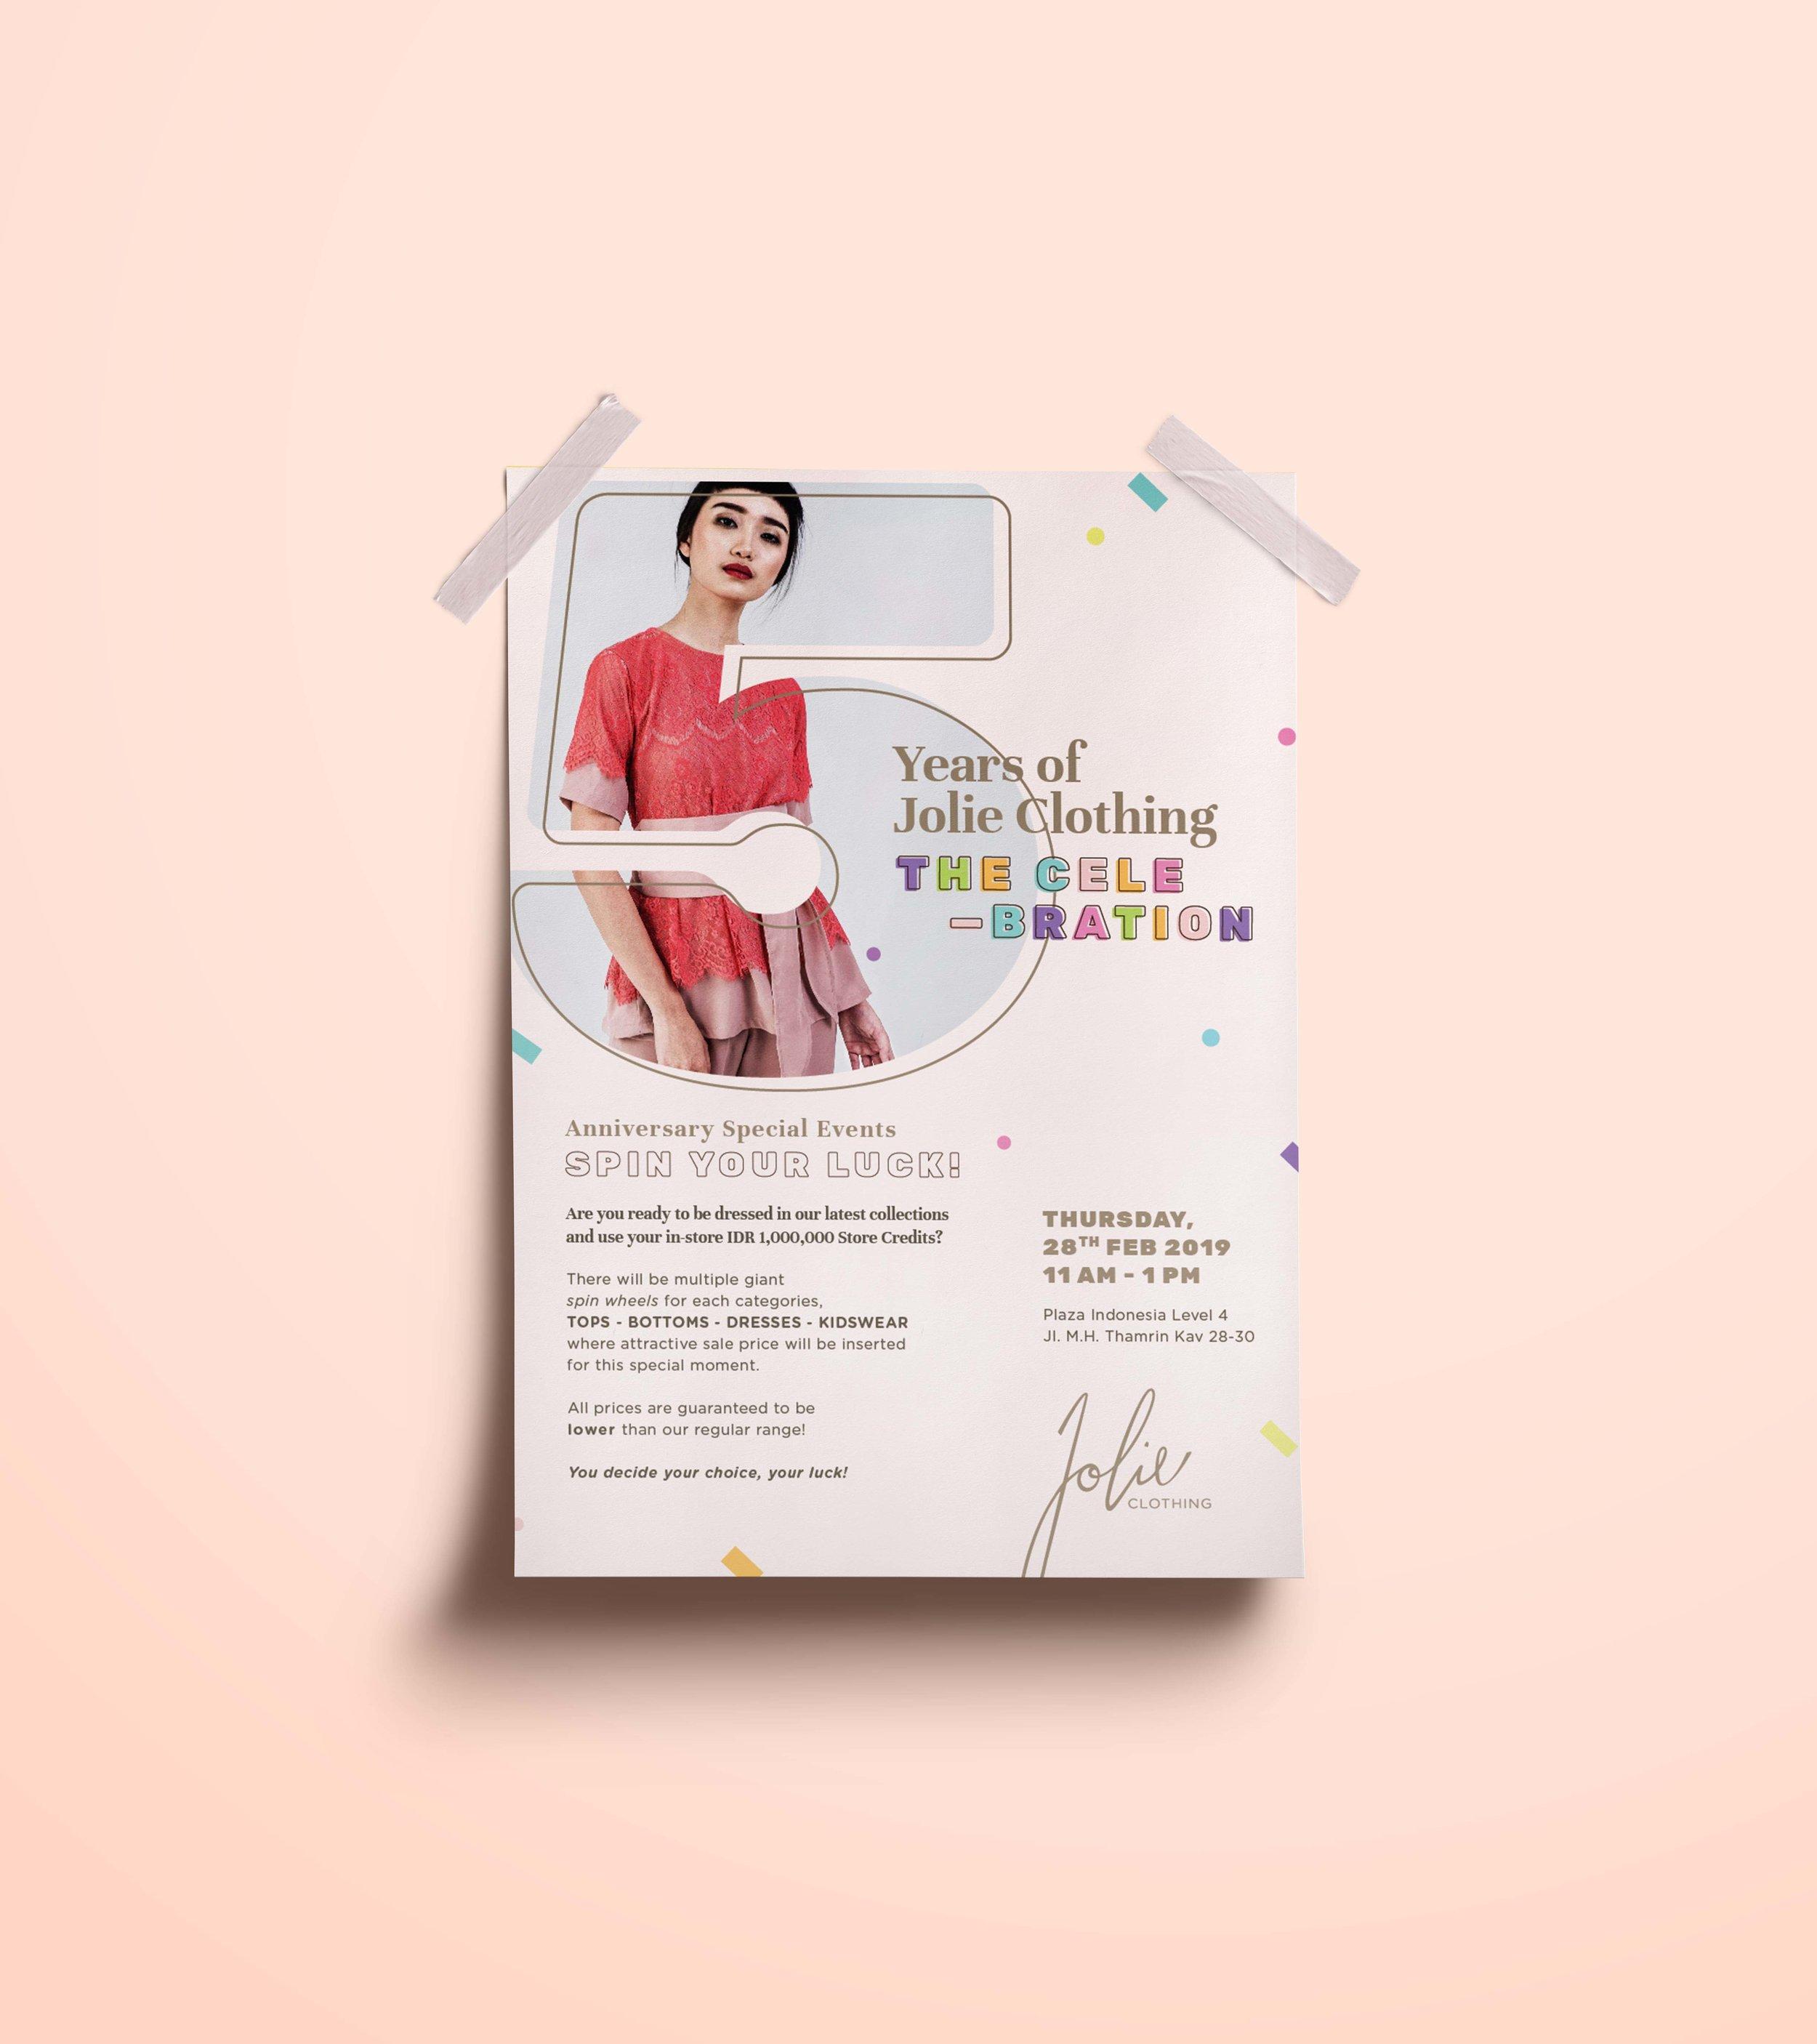 Jolie-5thAnniv-Poster.jpg